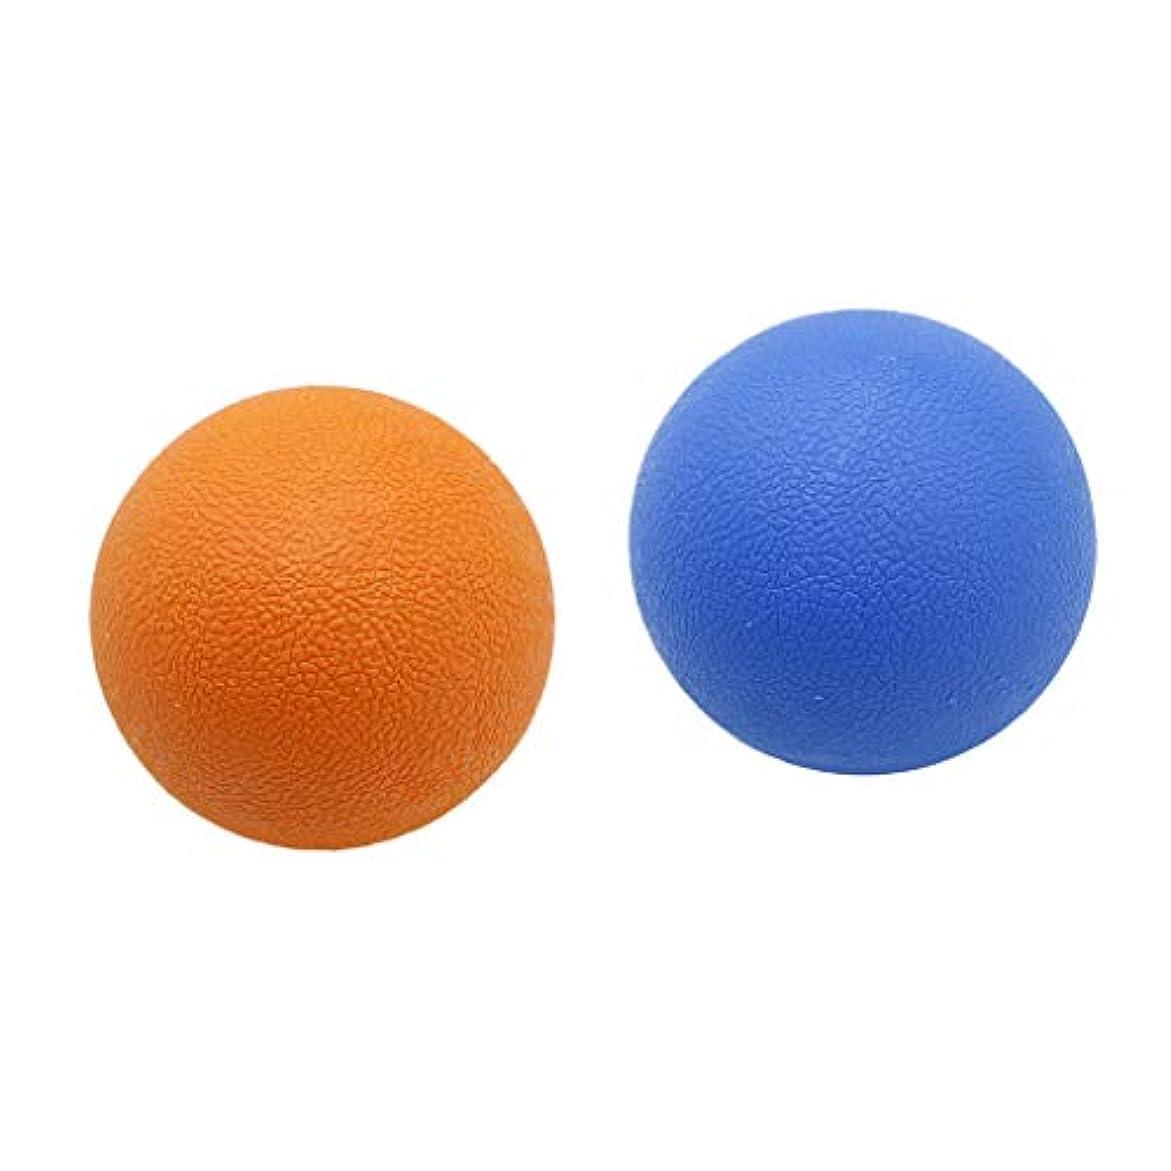 なるスピン不調和Hellery 2個 マッサージボール ラクロスボール トリガーポイント 弾性TPE 健康グッズ オレンジブルー